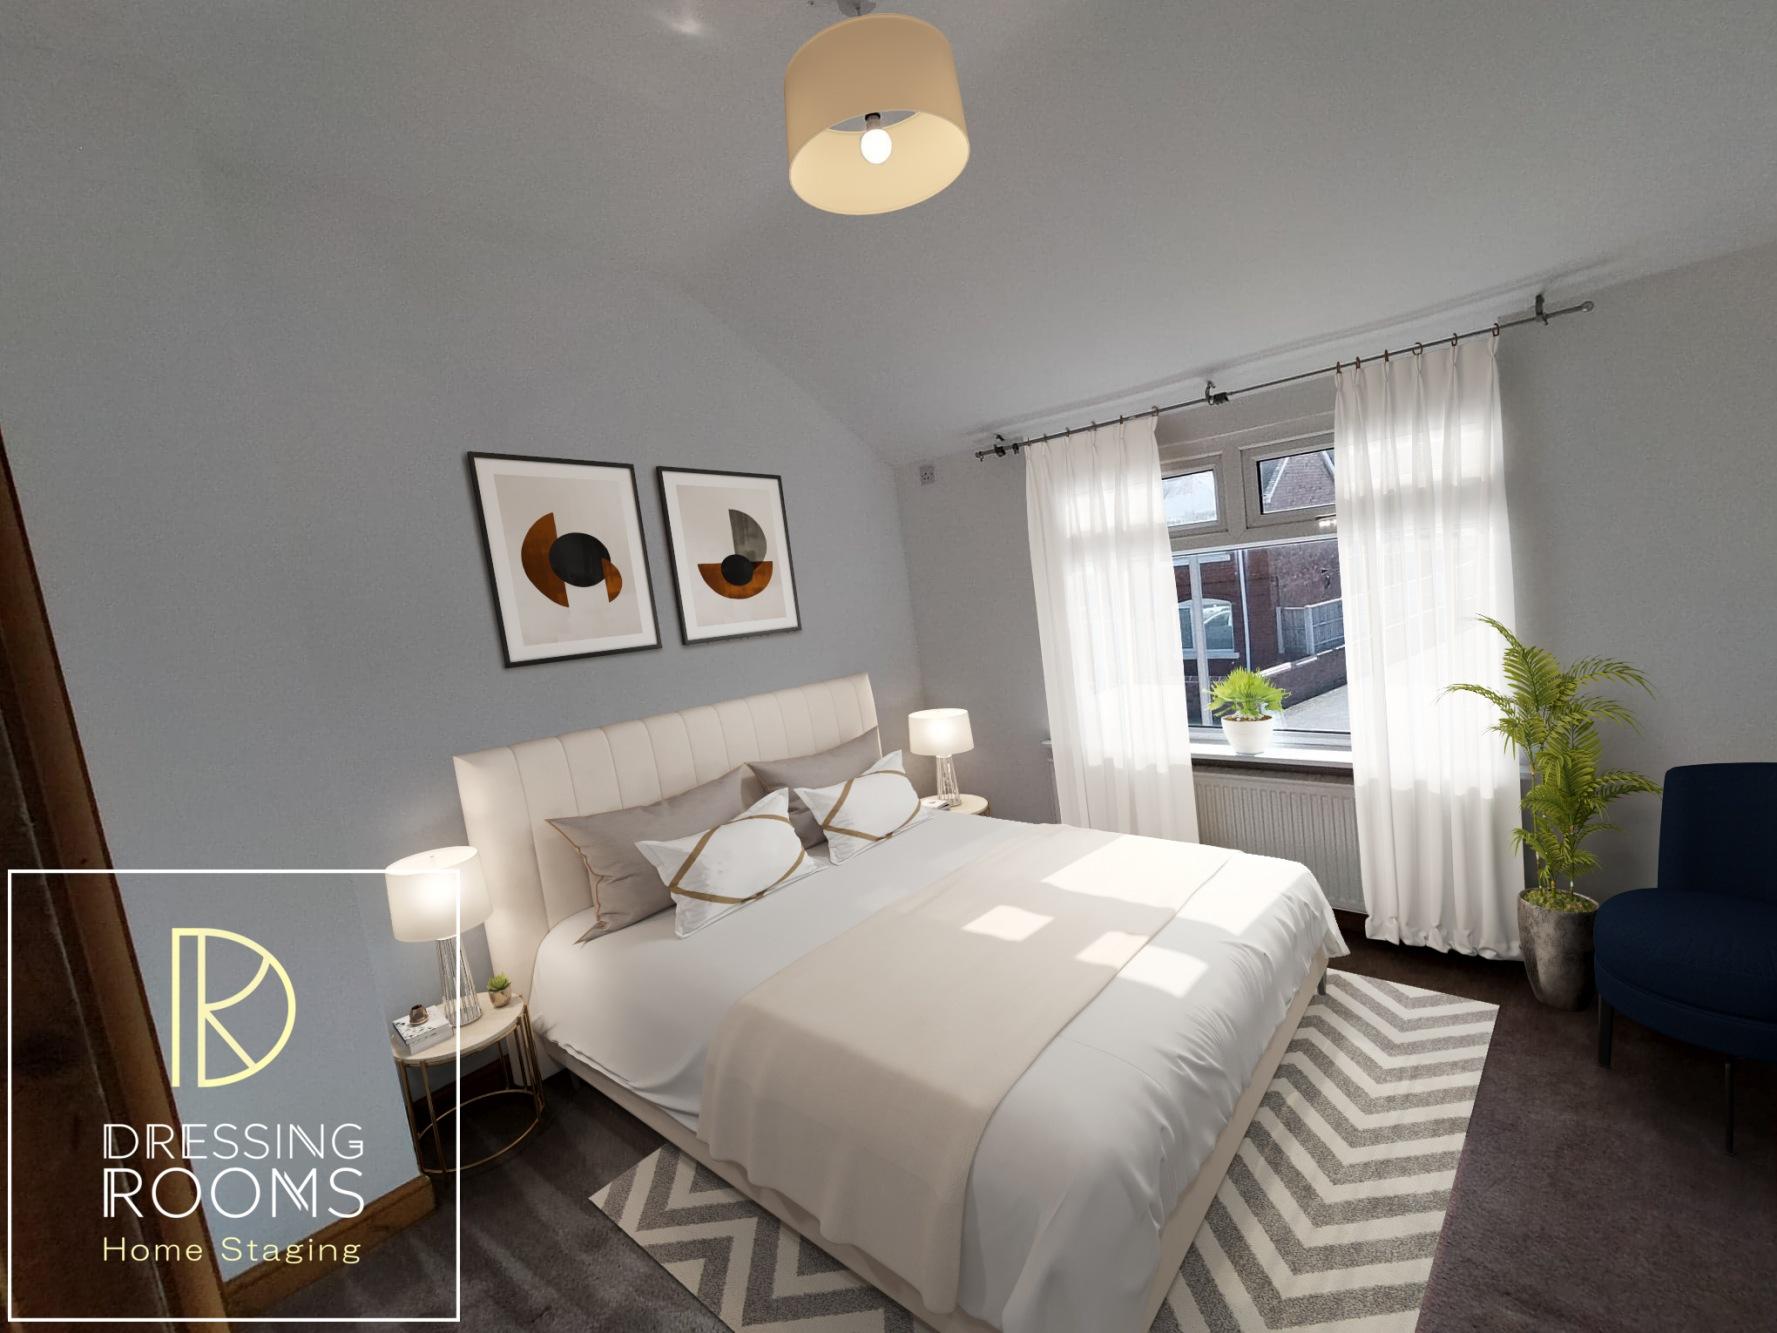 Bedroom-1_final-copy-2-WM